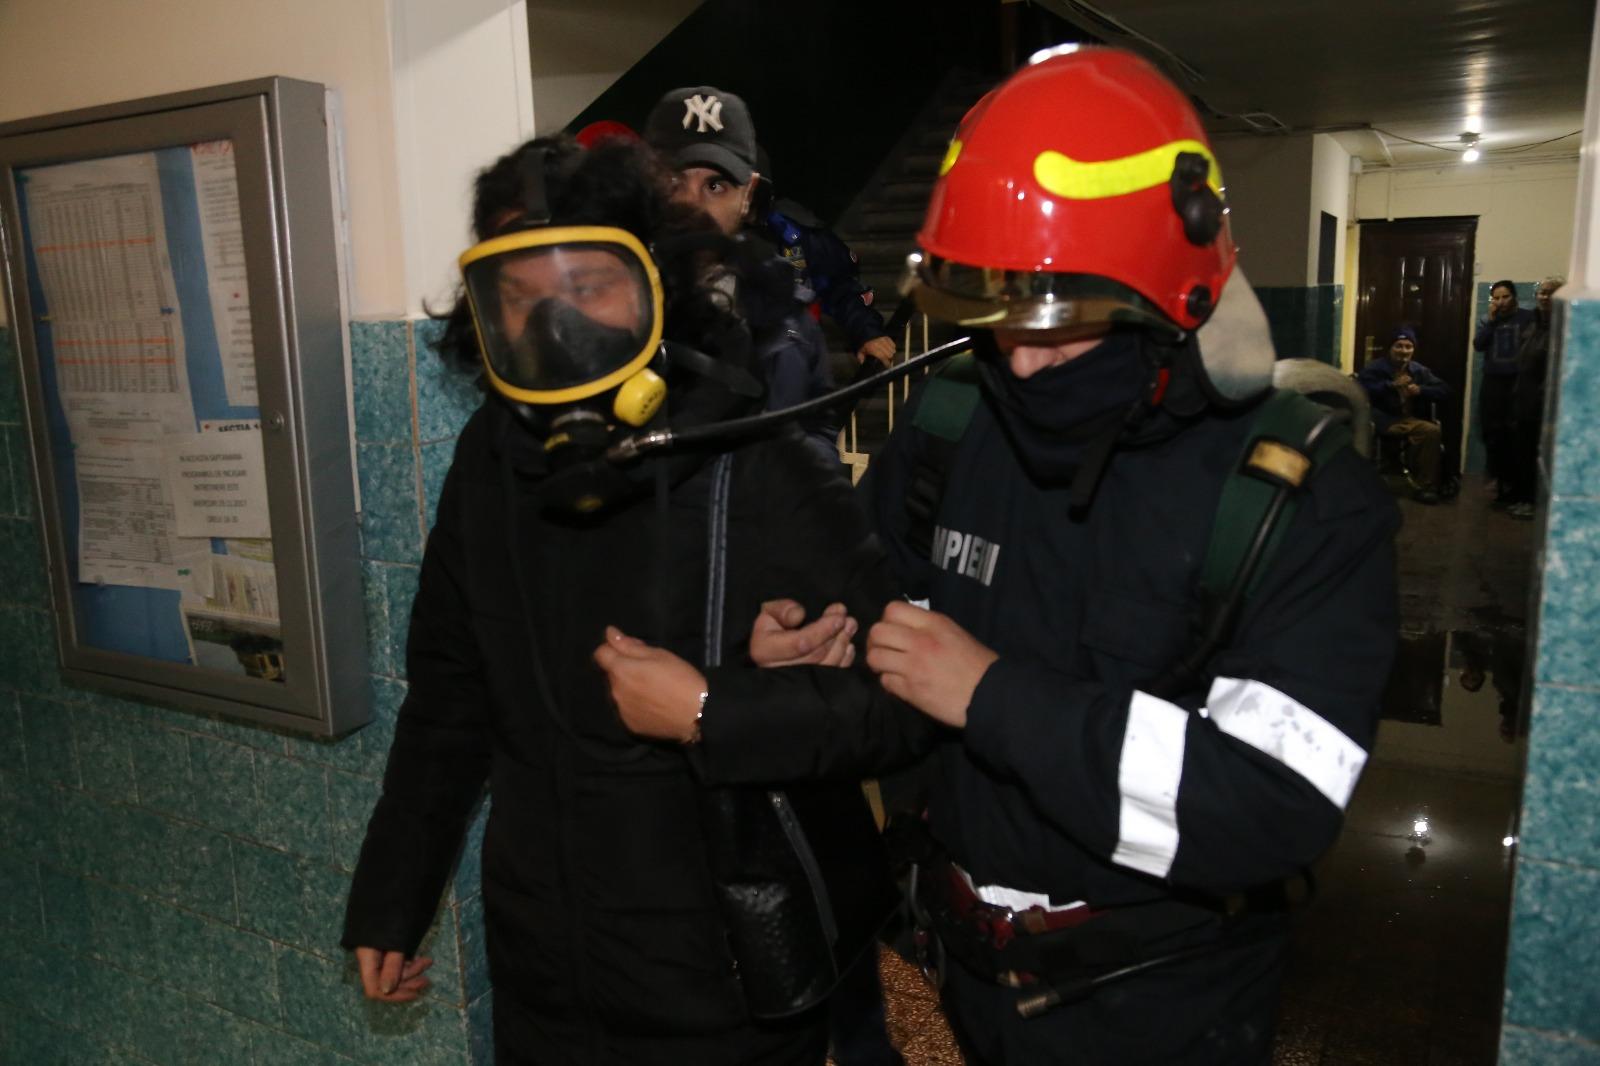 Incendiu de amploare într-un apartament dintr-un bloc din Capitală. 50 de oameni, dintre care 10 copii, au fost evacuaţi - FOTO